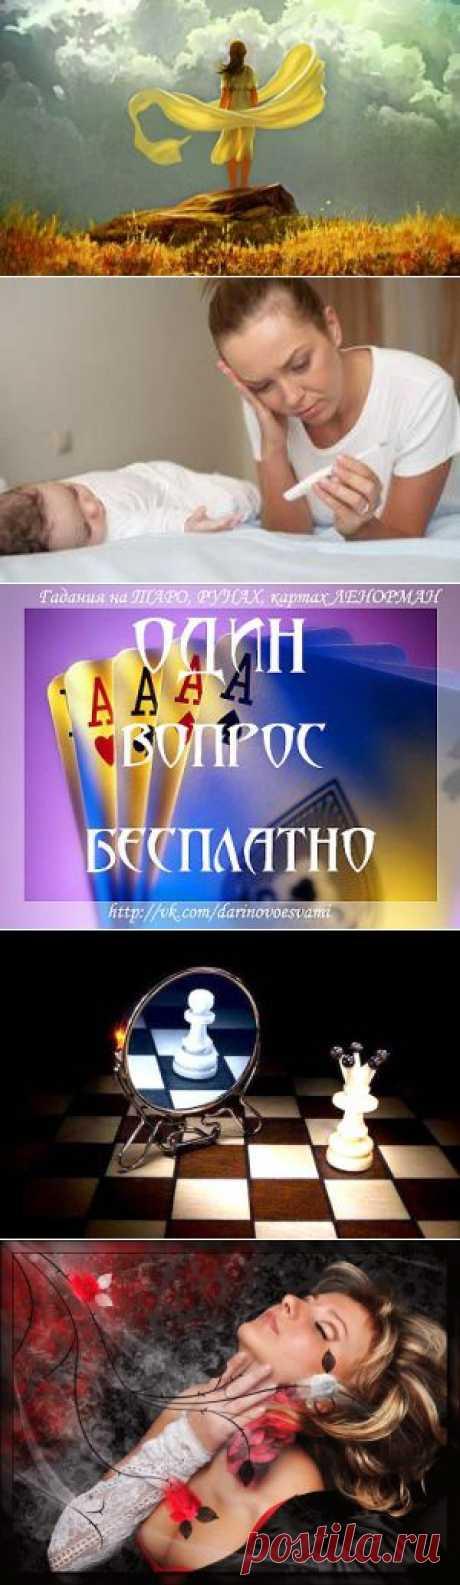 Valeria Darinovskaya: | Posted boards